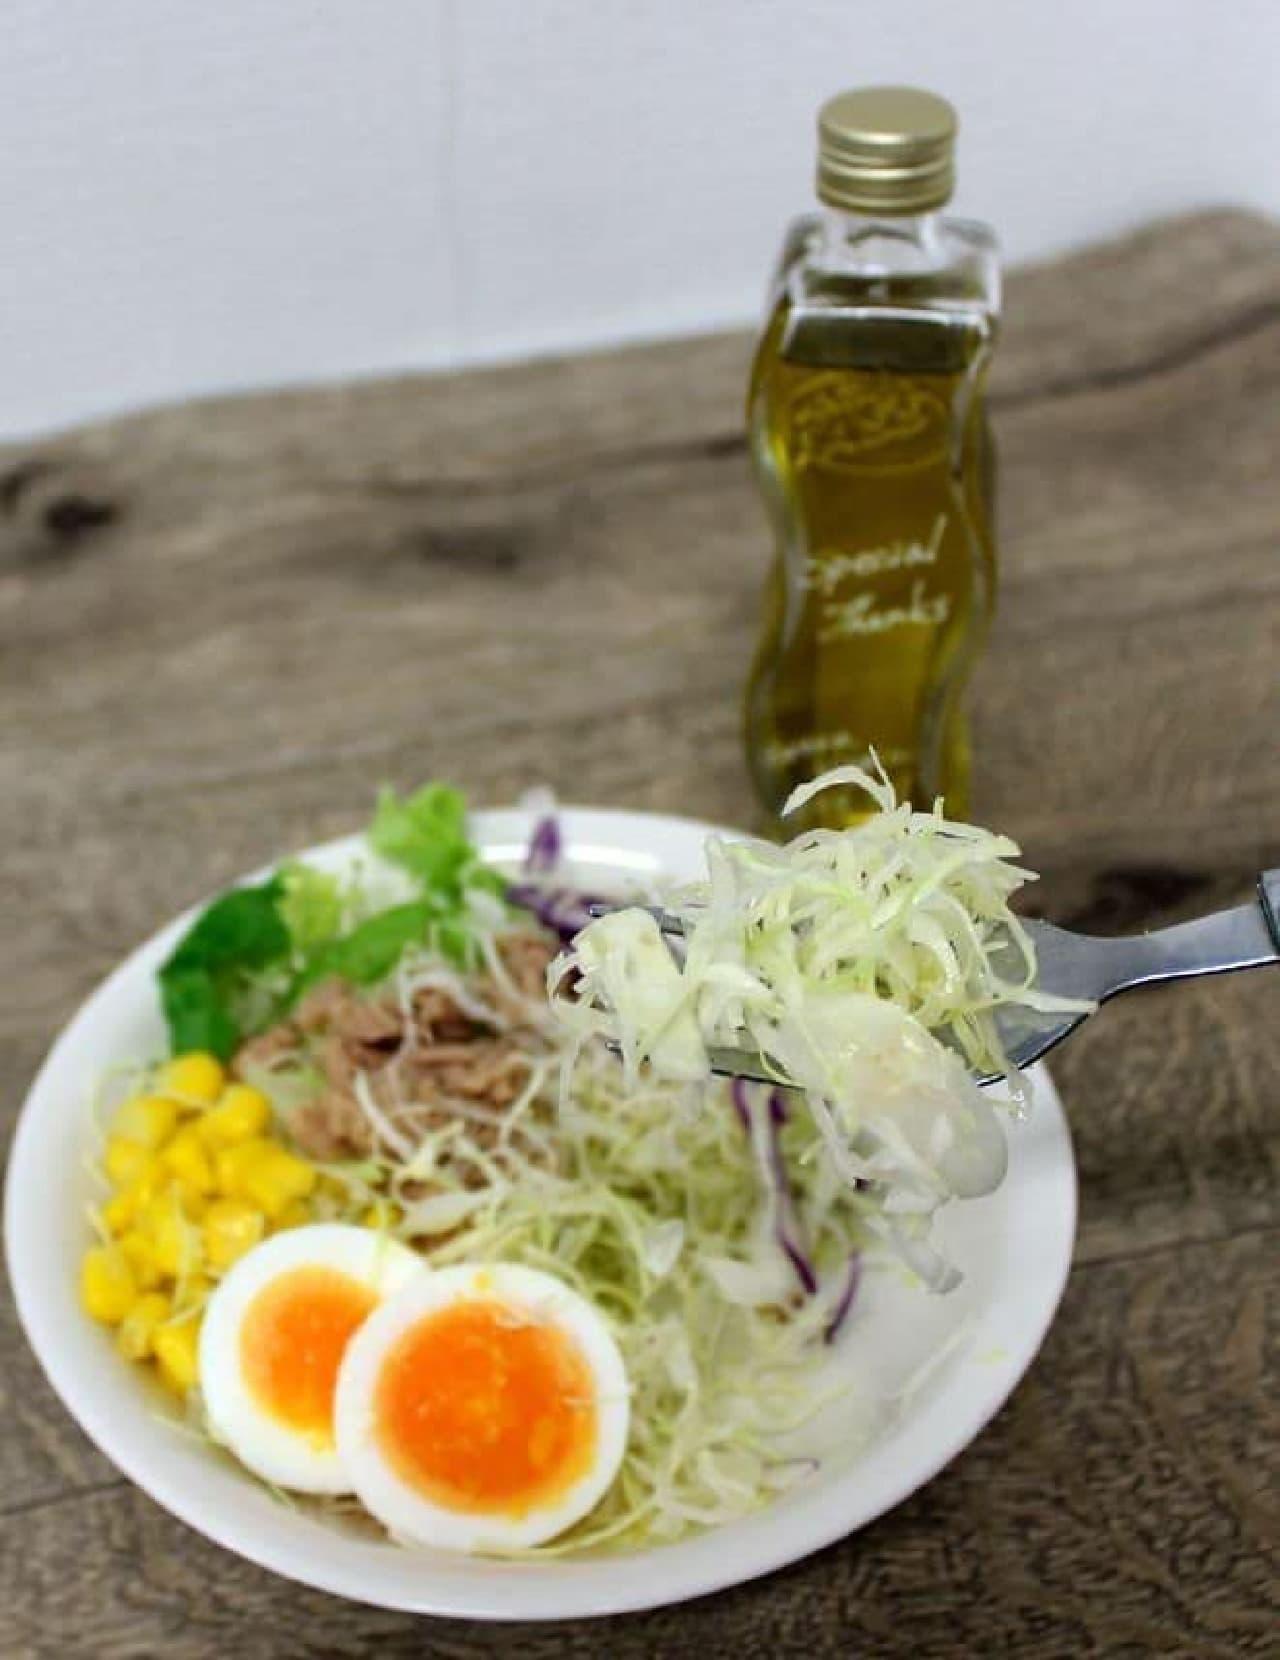 オレンジフレーバーのオリーブオイル「アランチャ」をかけたサラダ